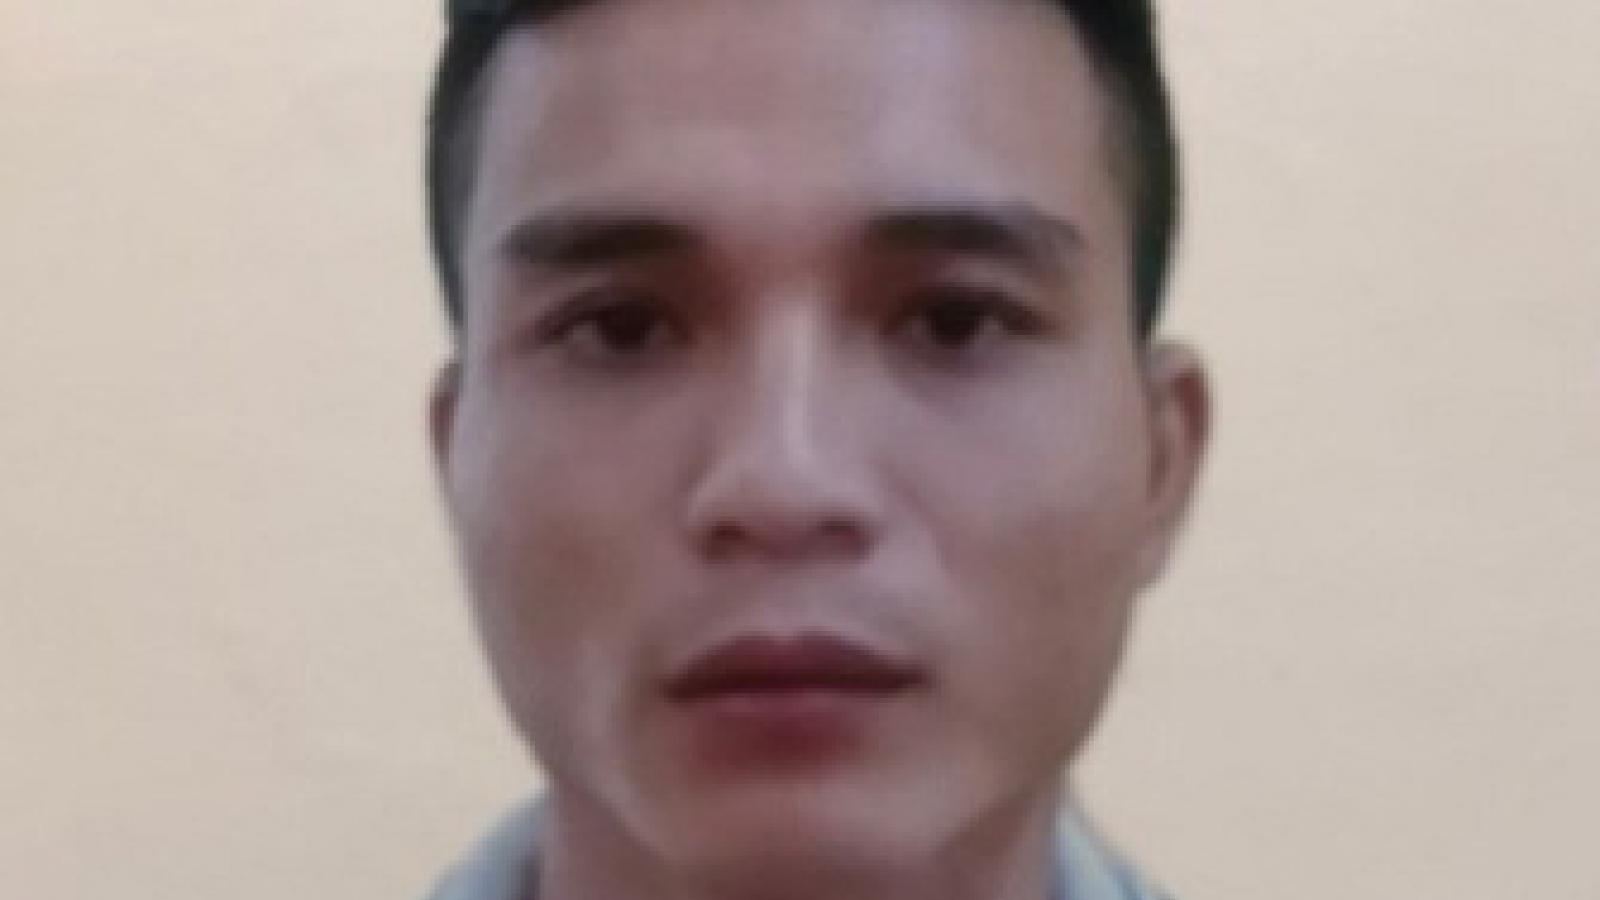 Khởi tố, bắt giam đối tượng dùng dao uy hiếp thiếu nữ để hiếp dâm